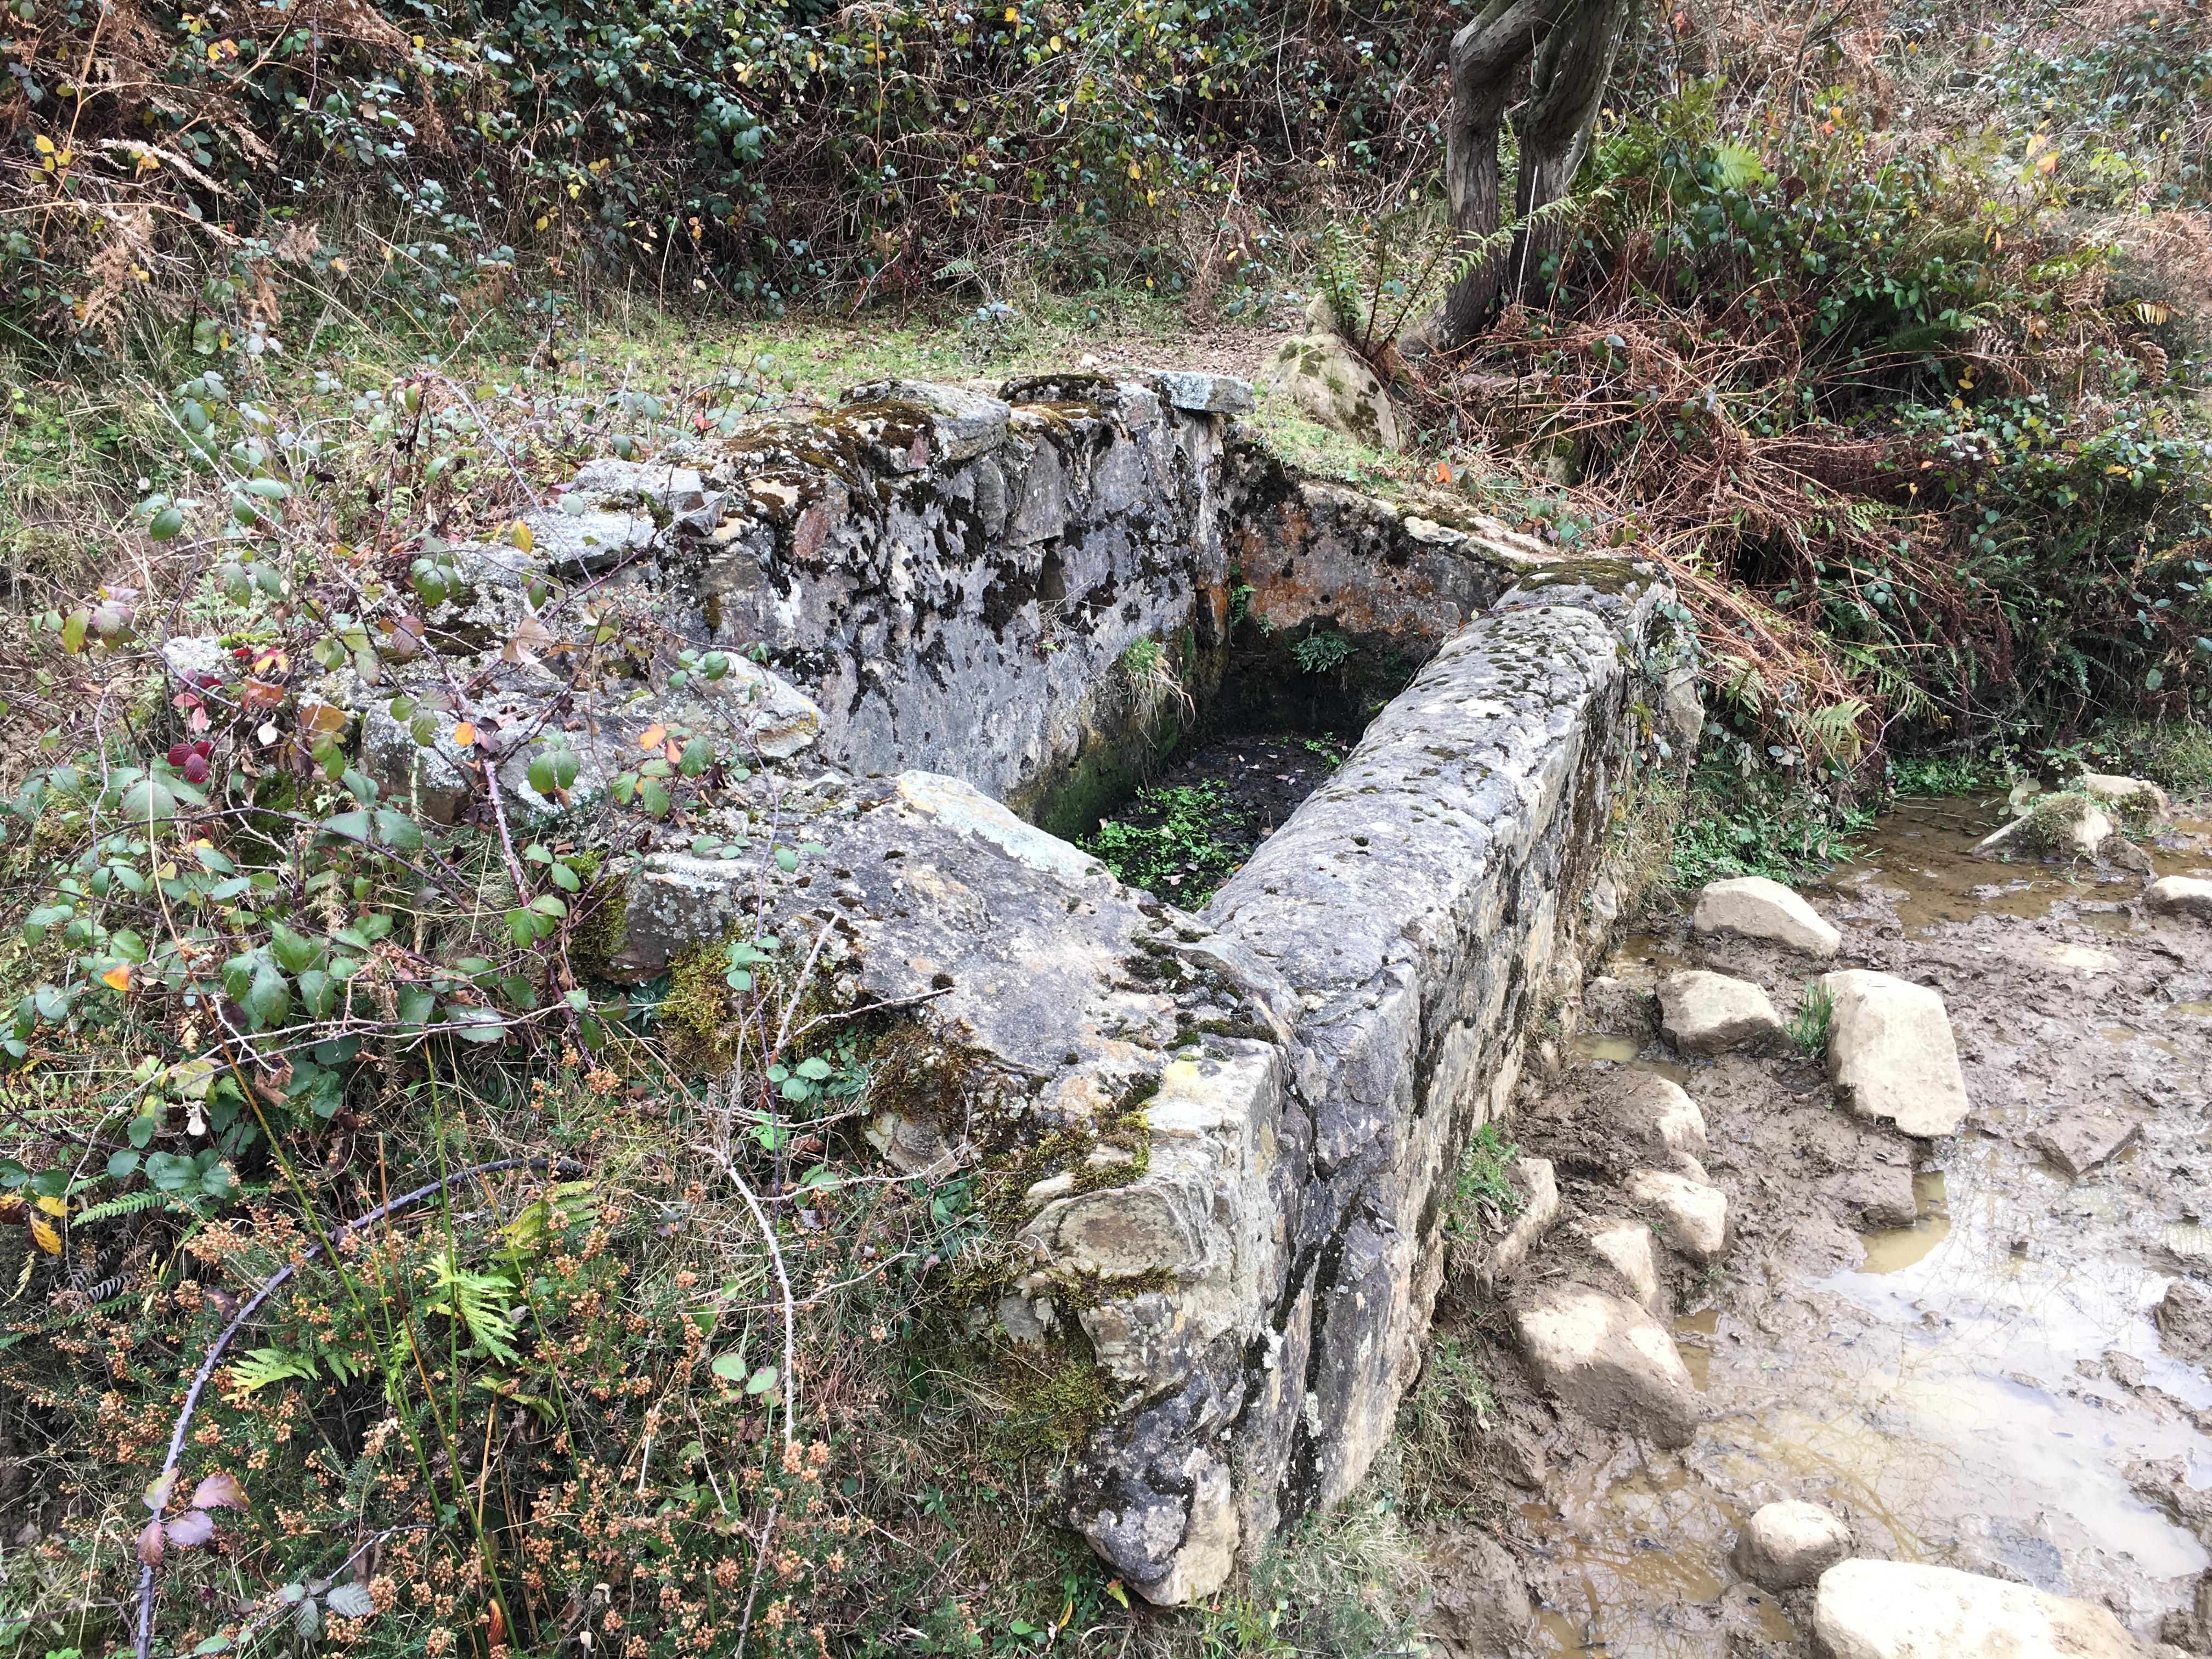 Valle del río Llamo (Riosa): Fuente Los Pontones